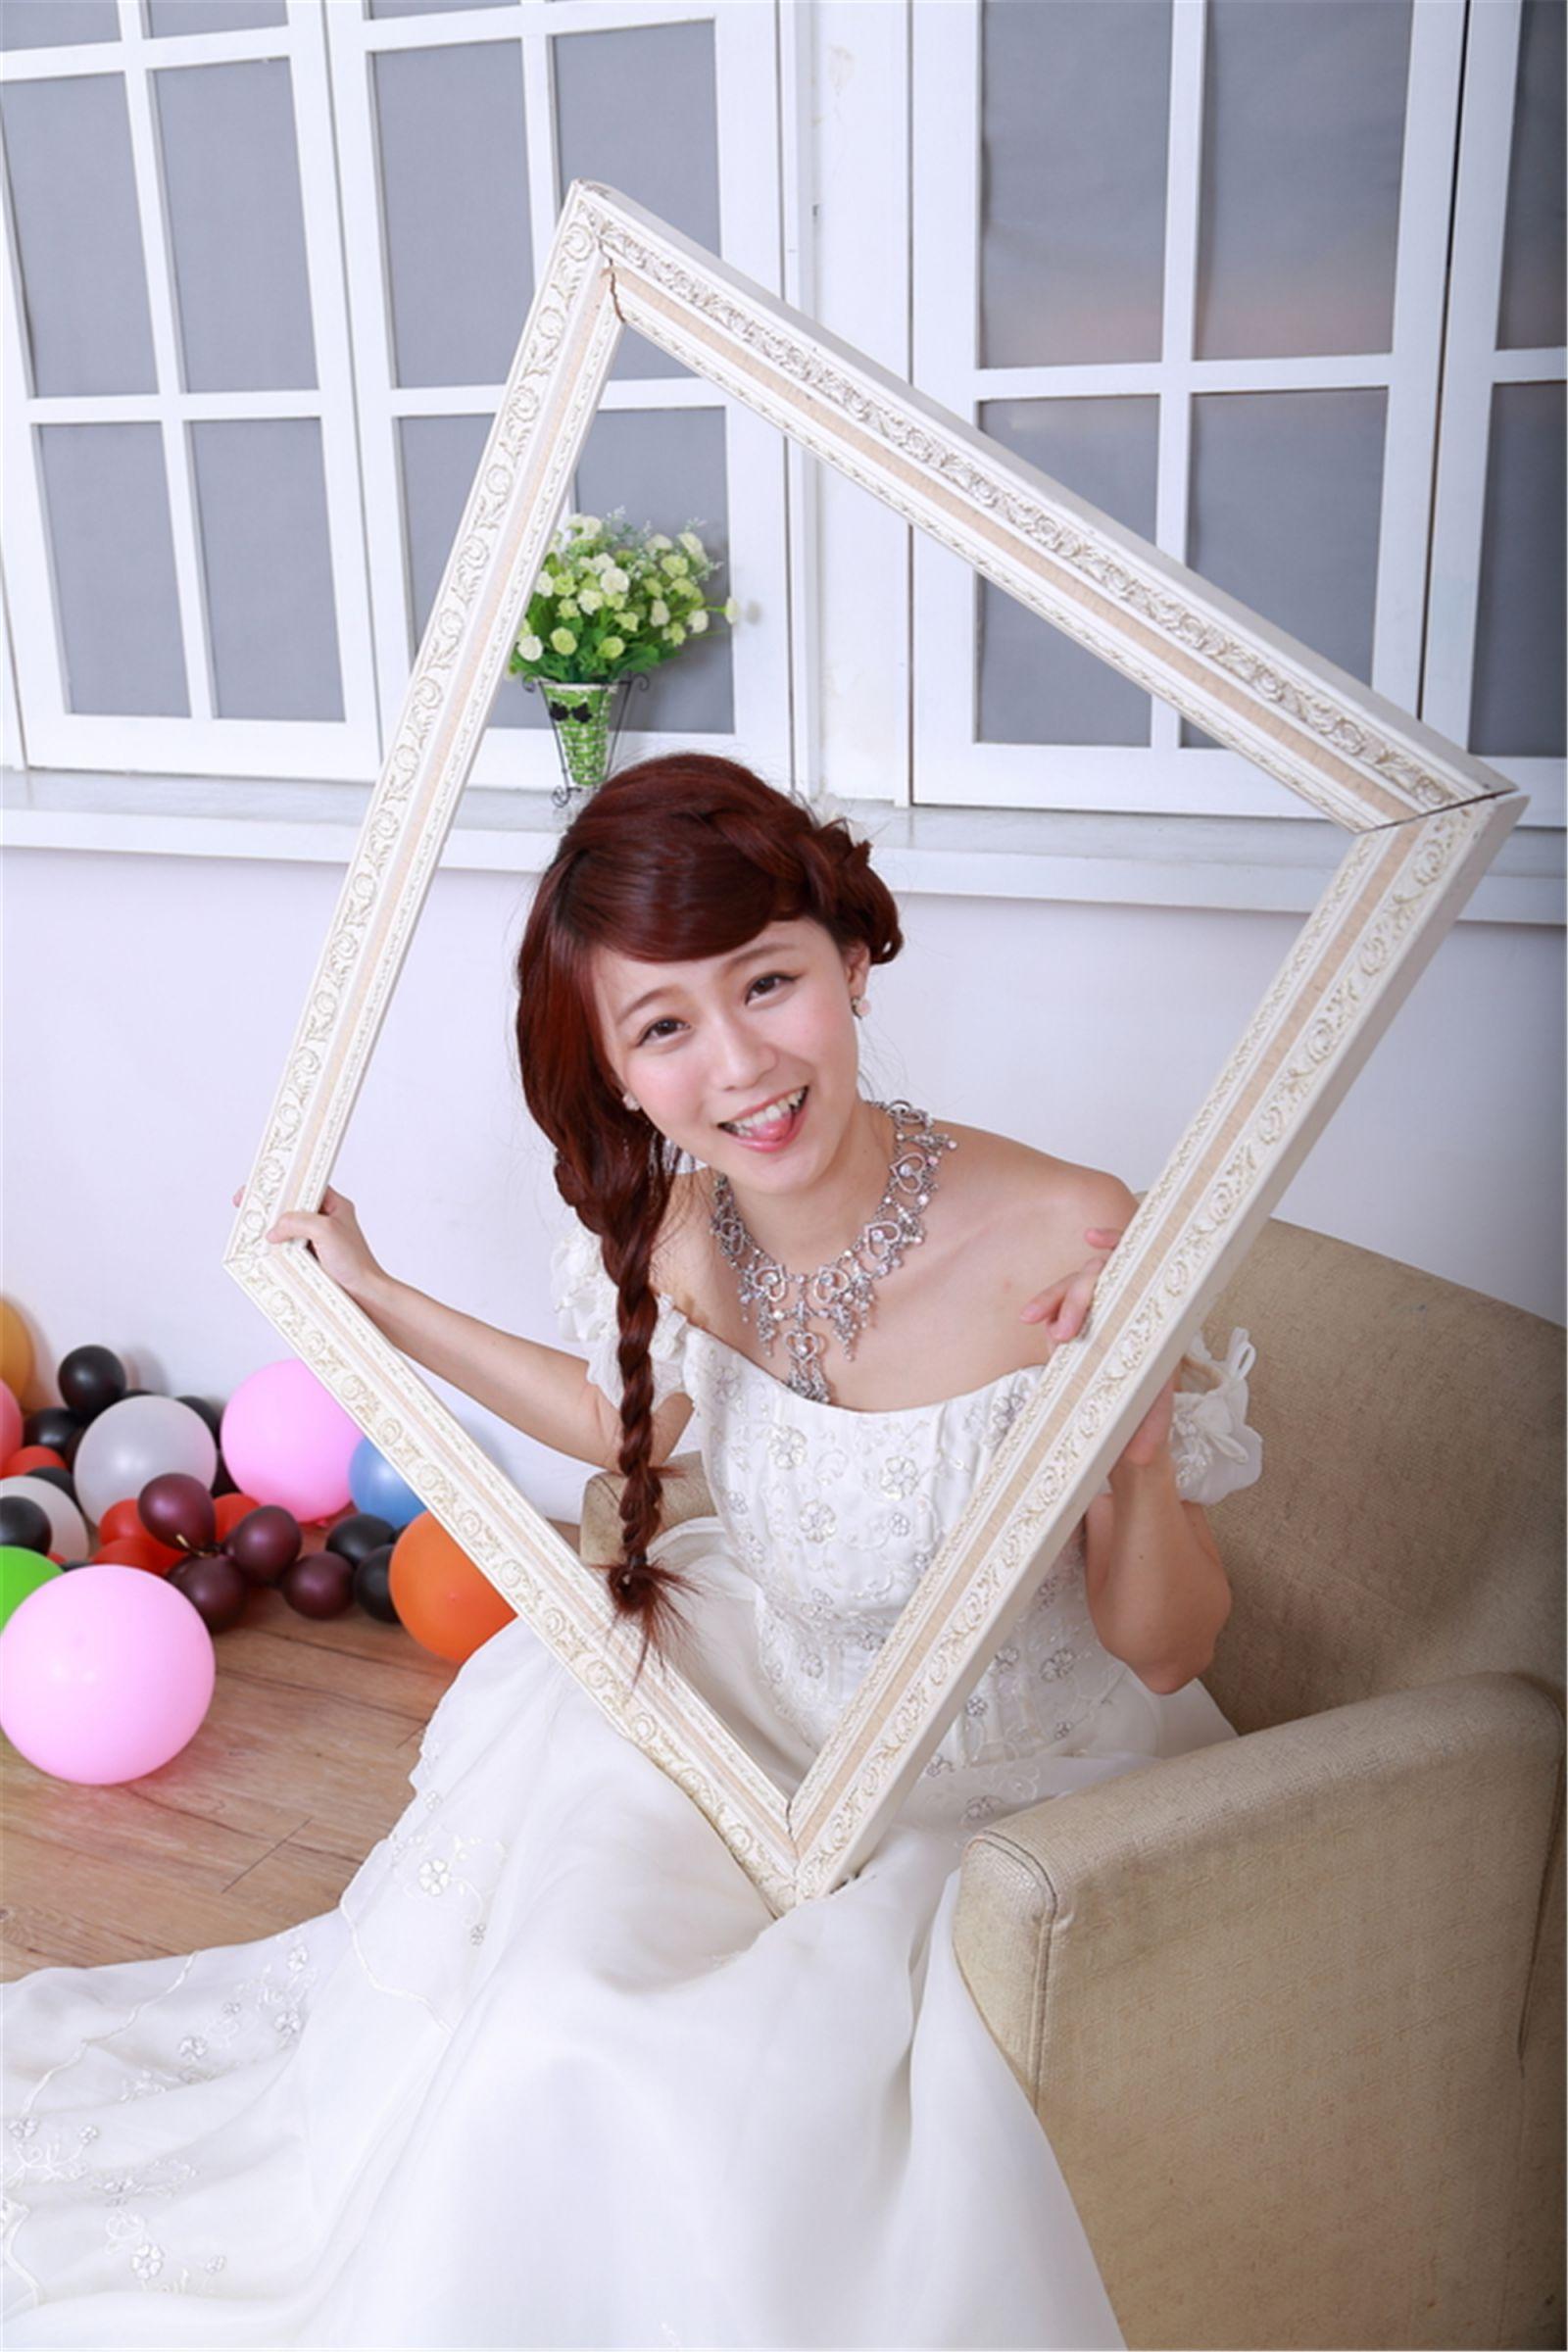 VOL.1693 [台湾正妹]清纯甜美婚纱:李依璇(白白)高品质写真套图(24P)